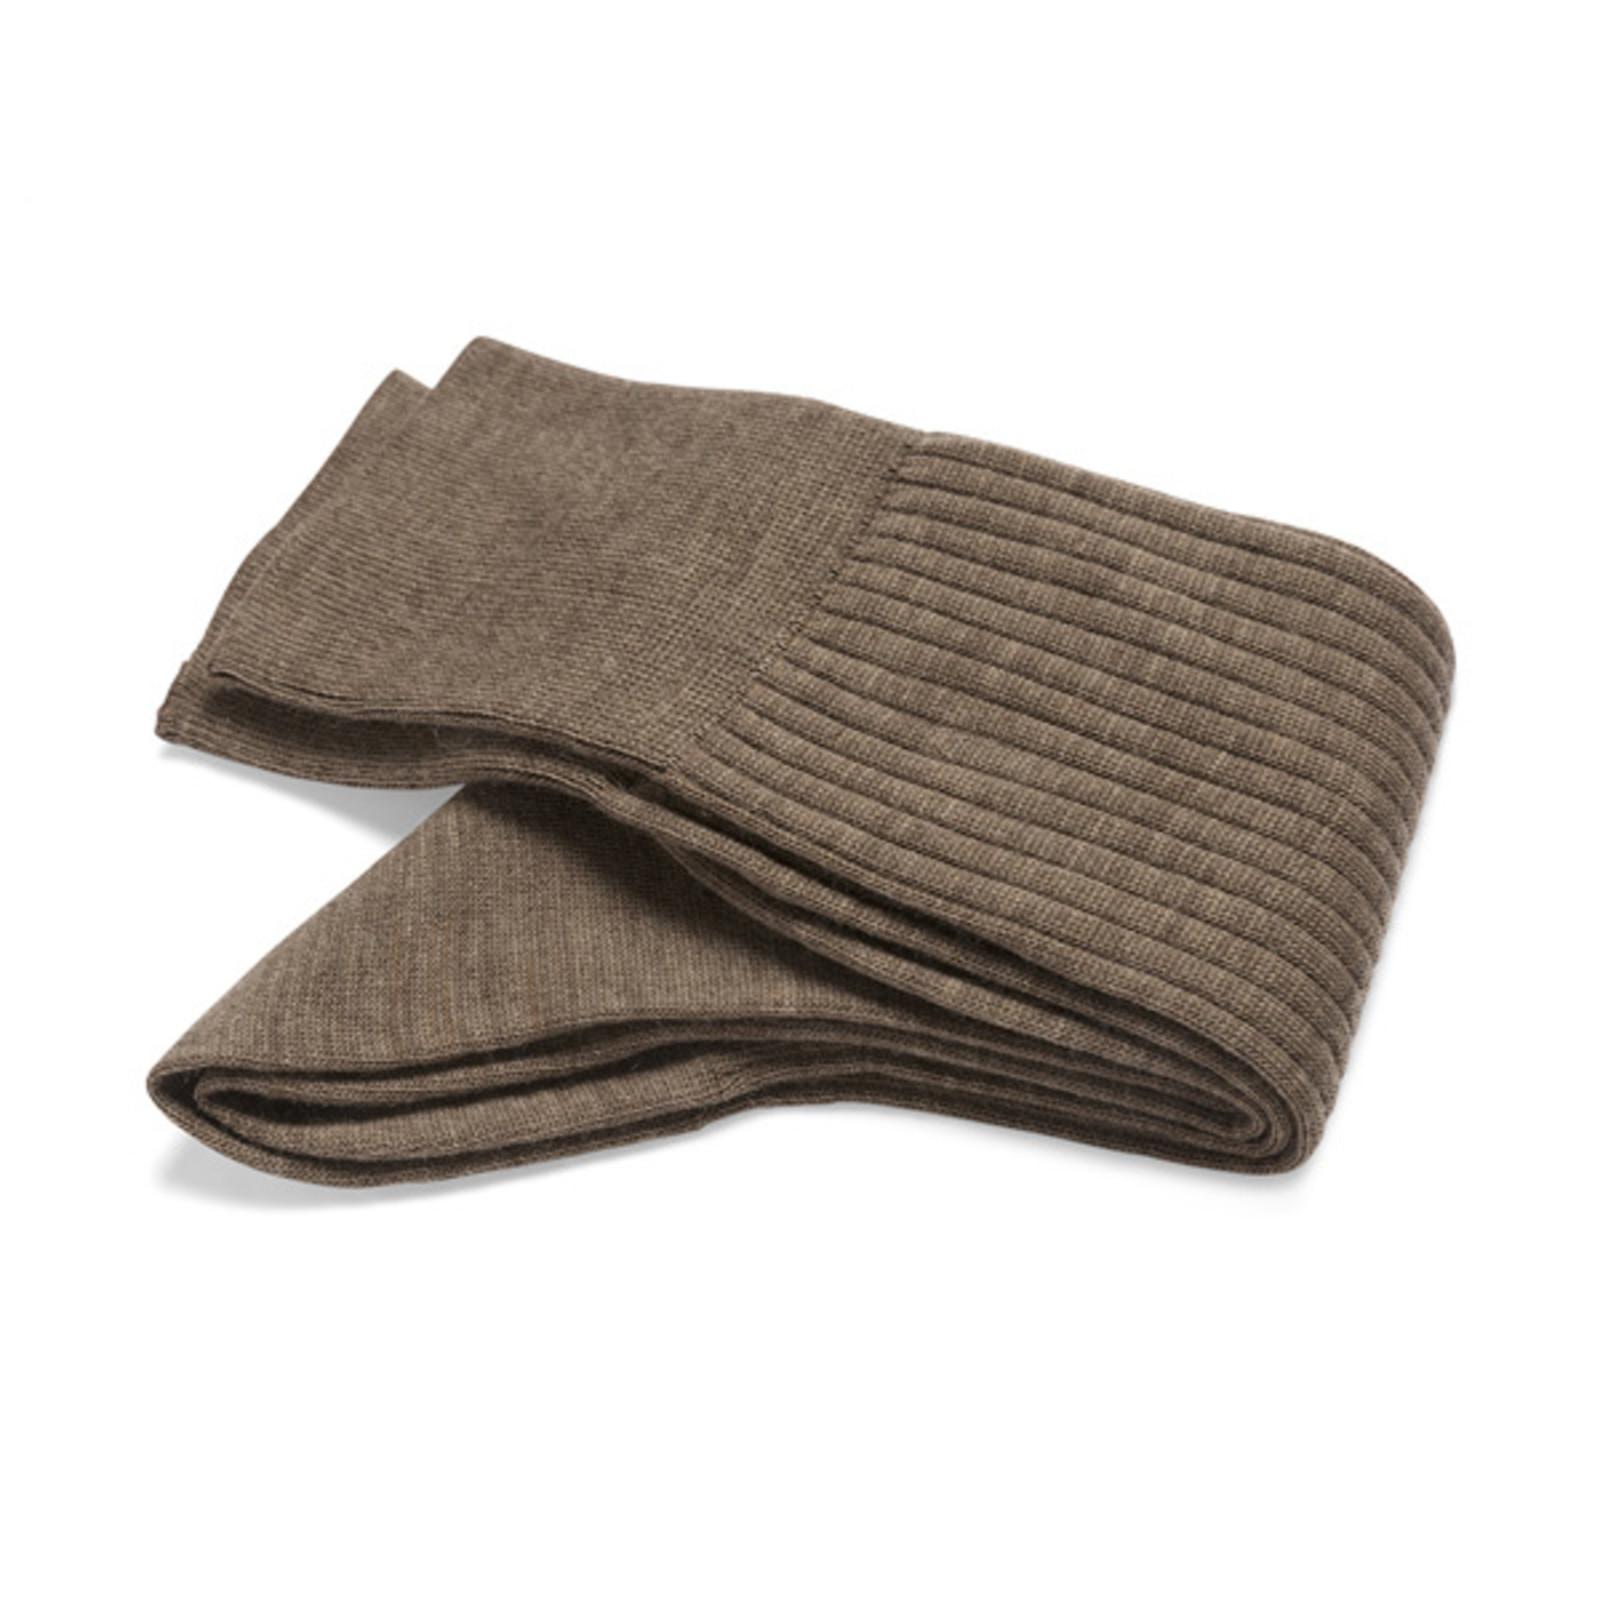 Carlo Lanza Kamel Merino Wolle Socken